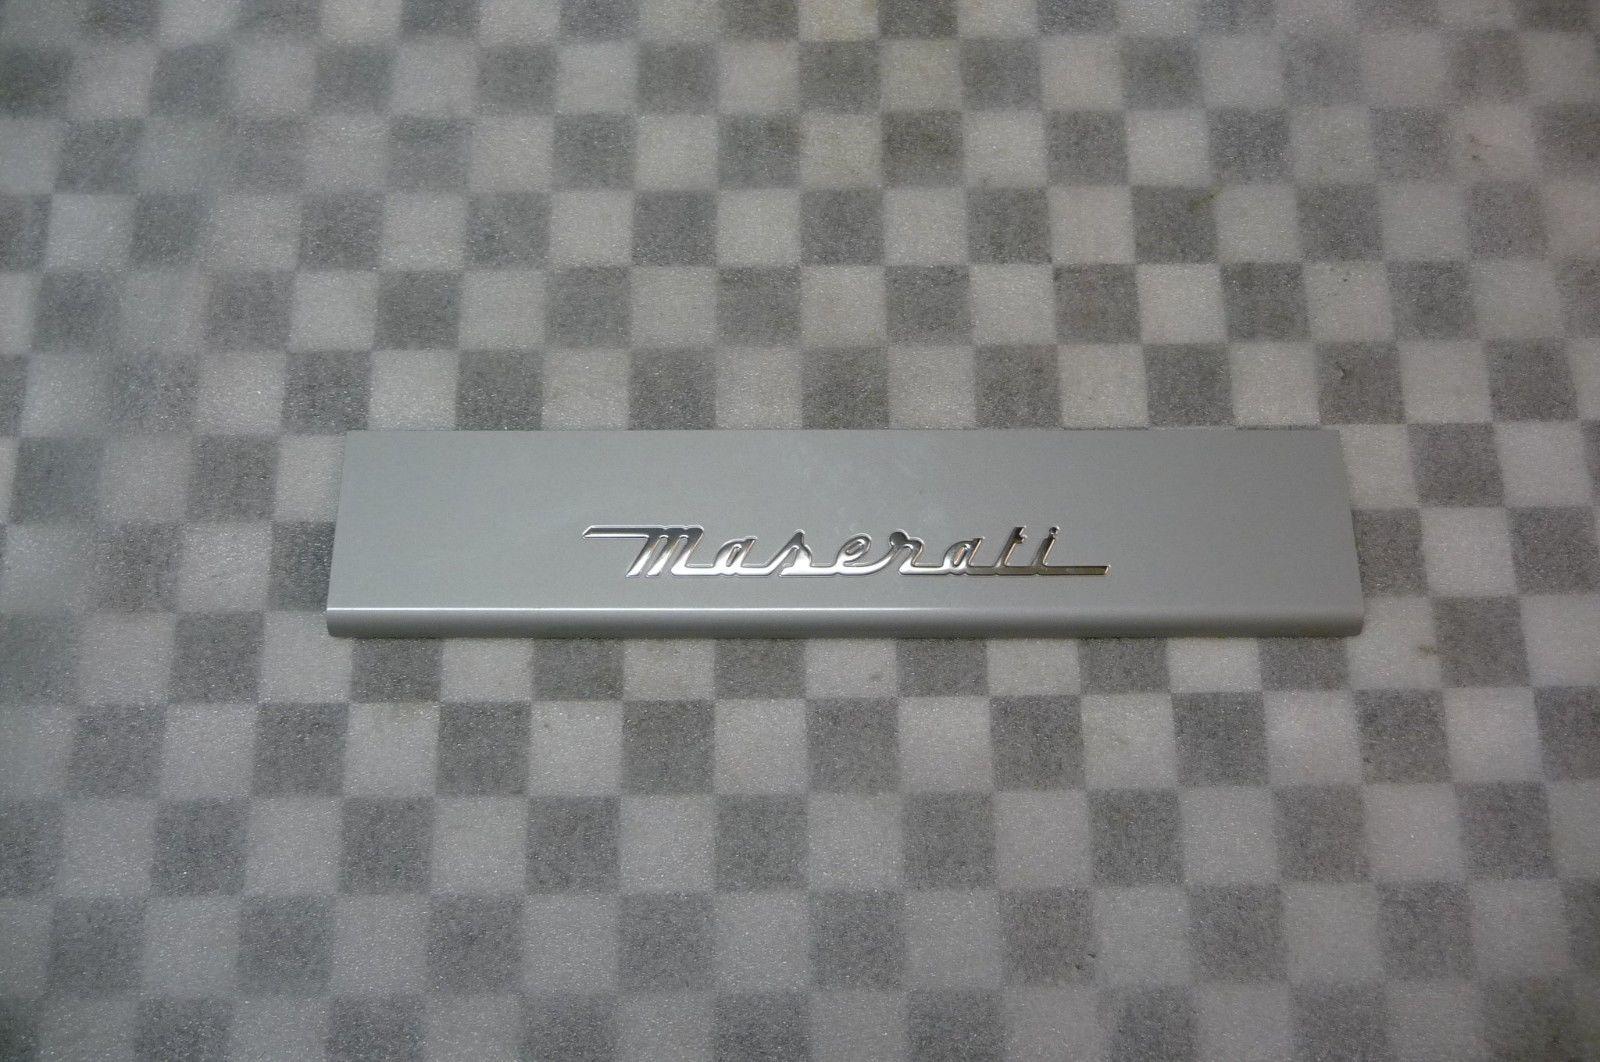 2003 2004 2005 2006 2007 2008 2009 2010 2011 2012 Maserati Quattroporte QP7 Rear Kick Plate, Batticalcagno 67066000 OEM OE